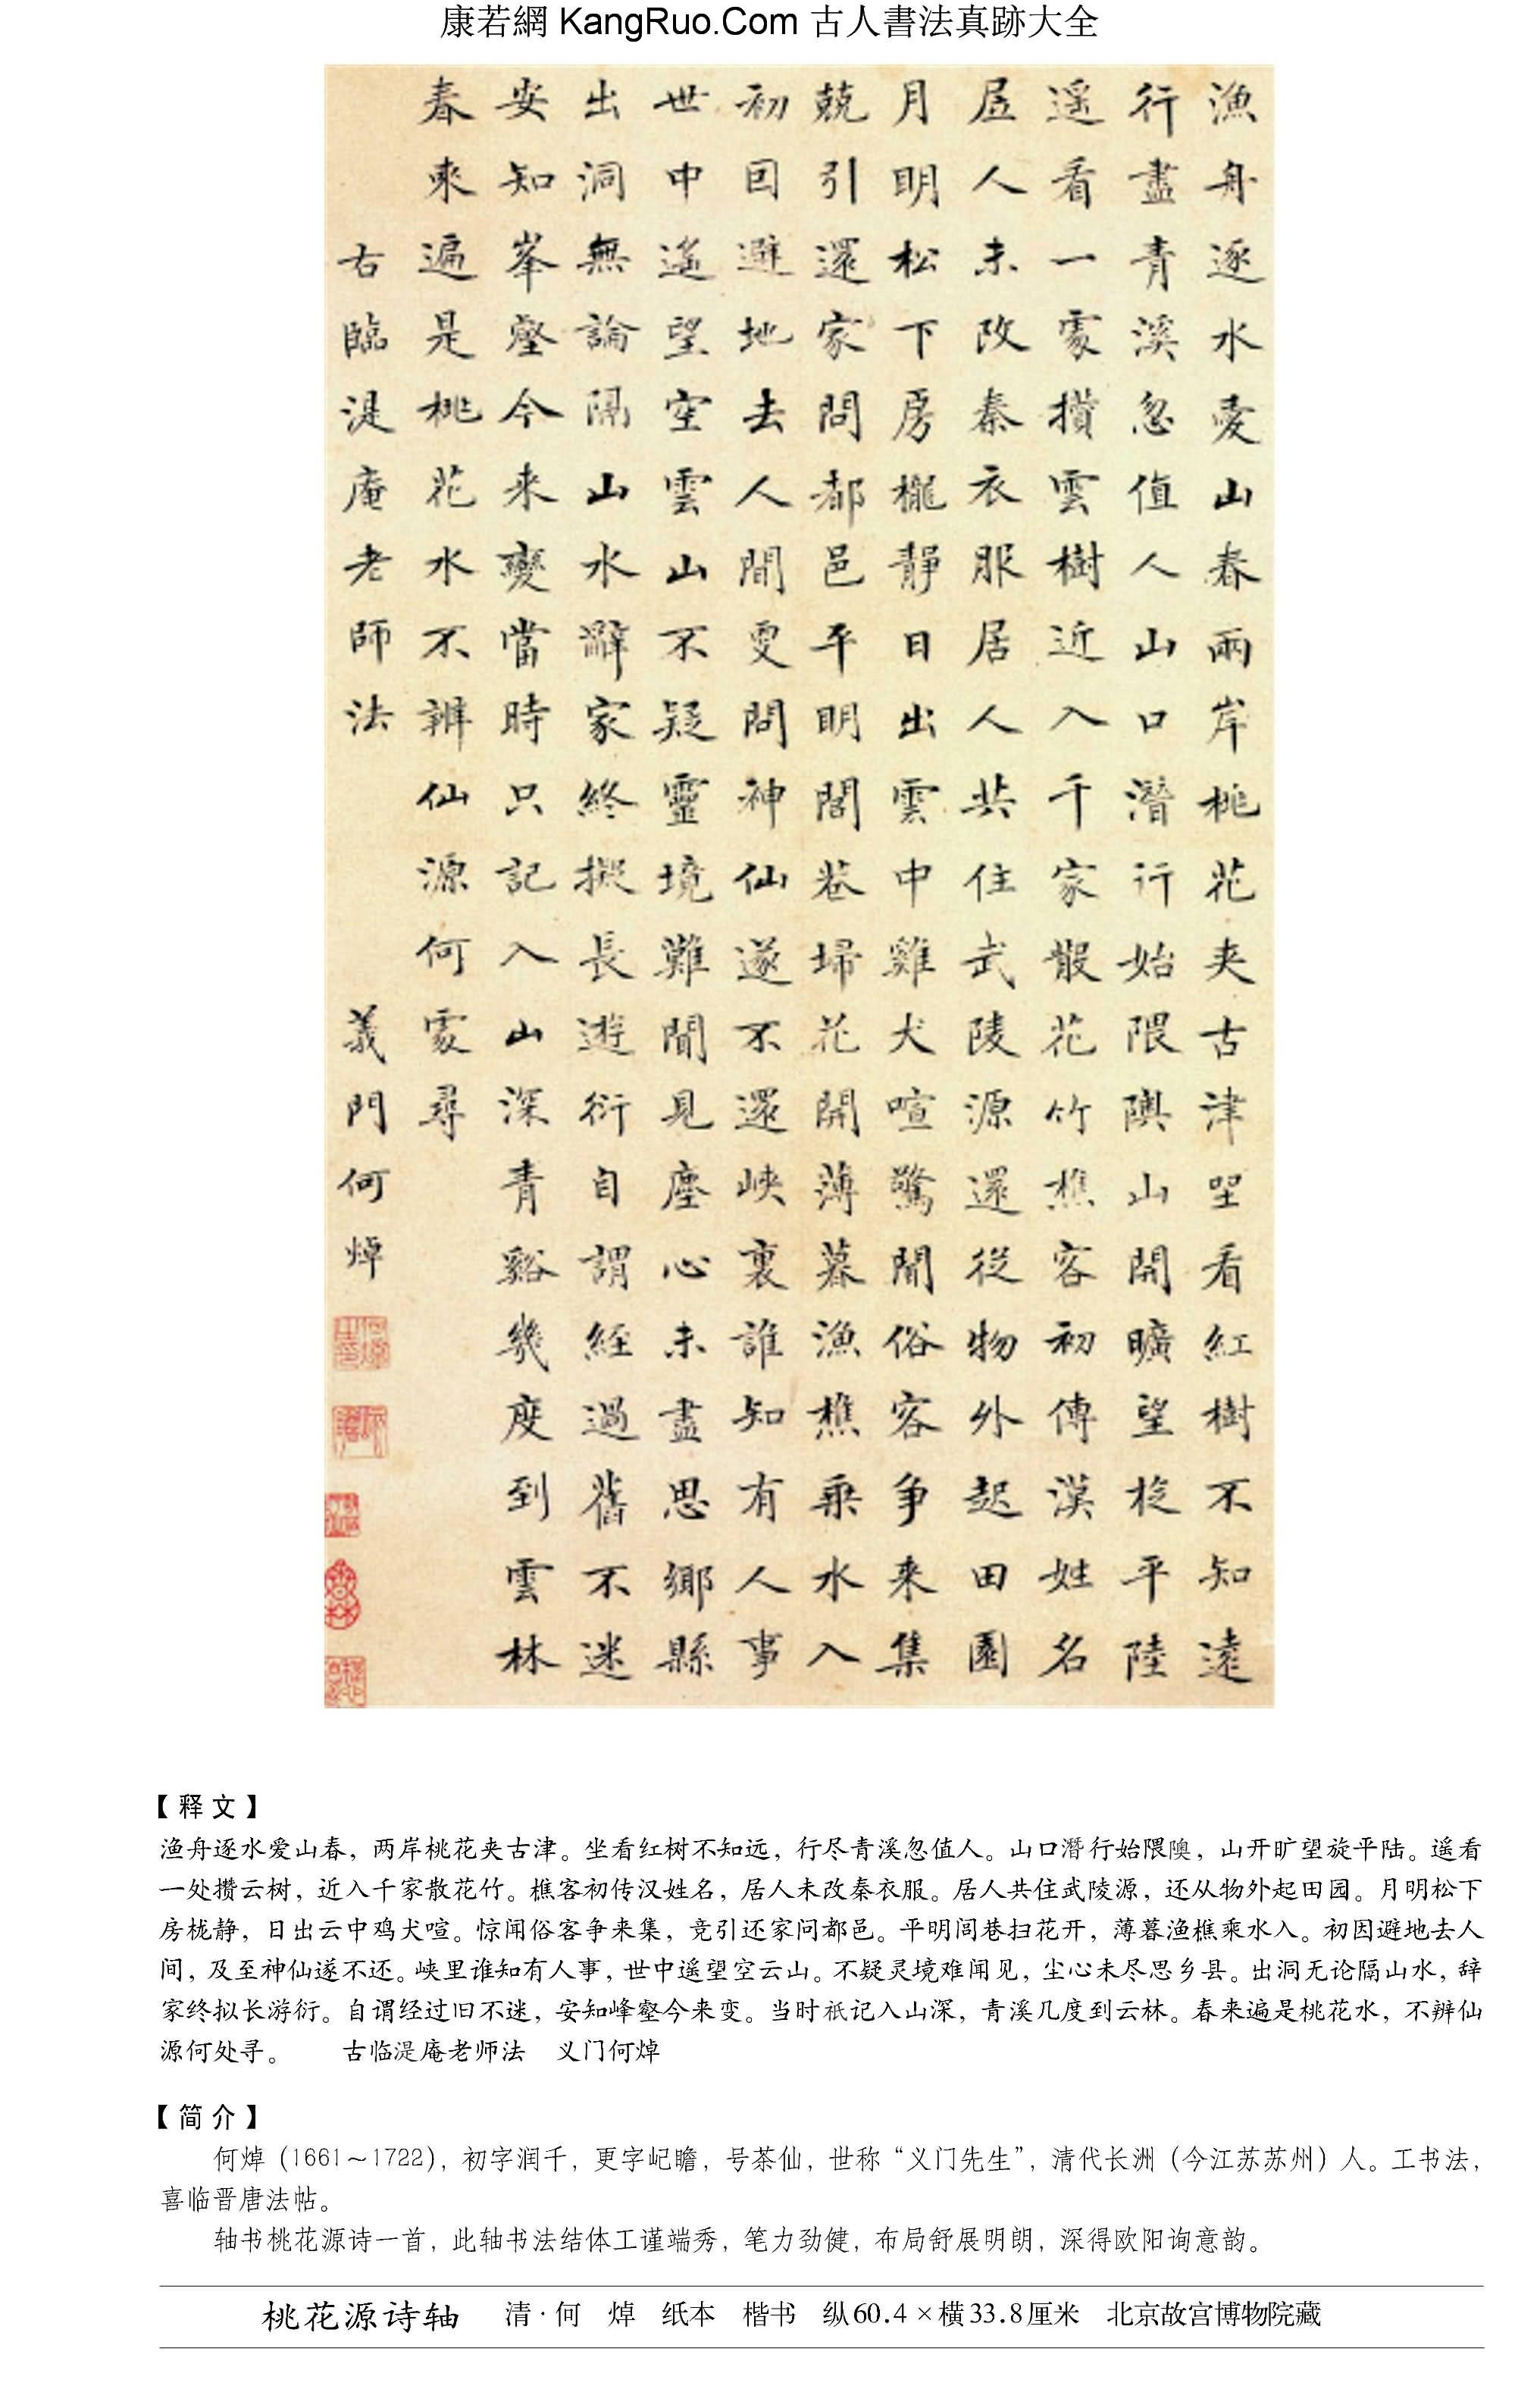 《桃花源詩軸》書法真跡(楷書)【清朝·何焯】_00215